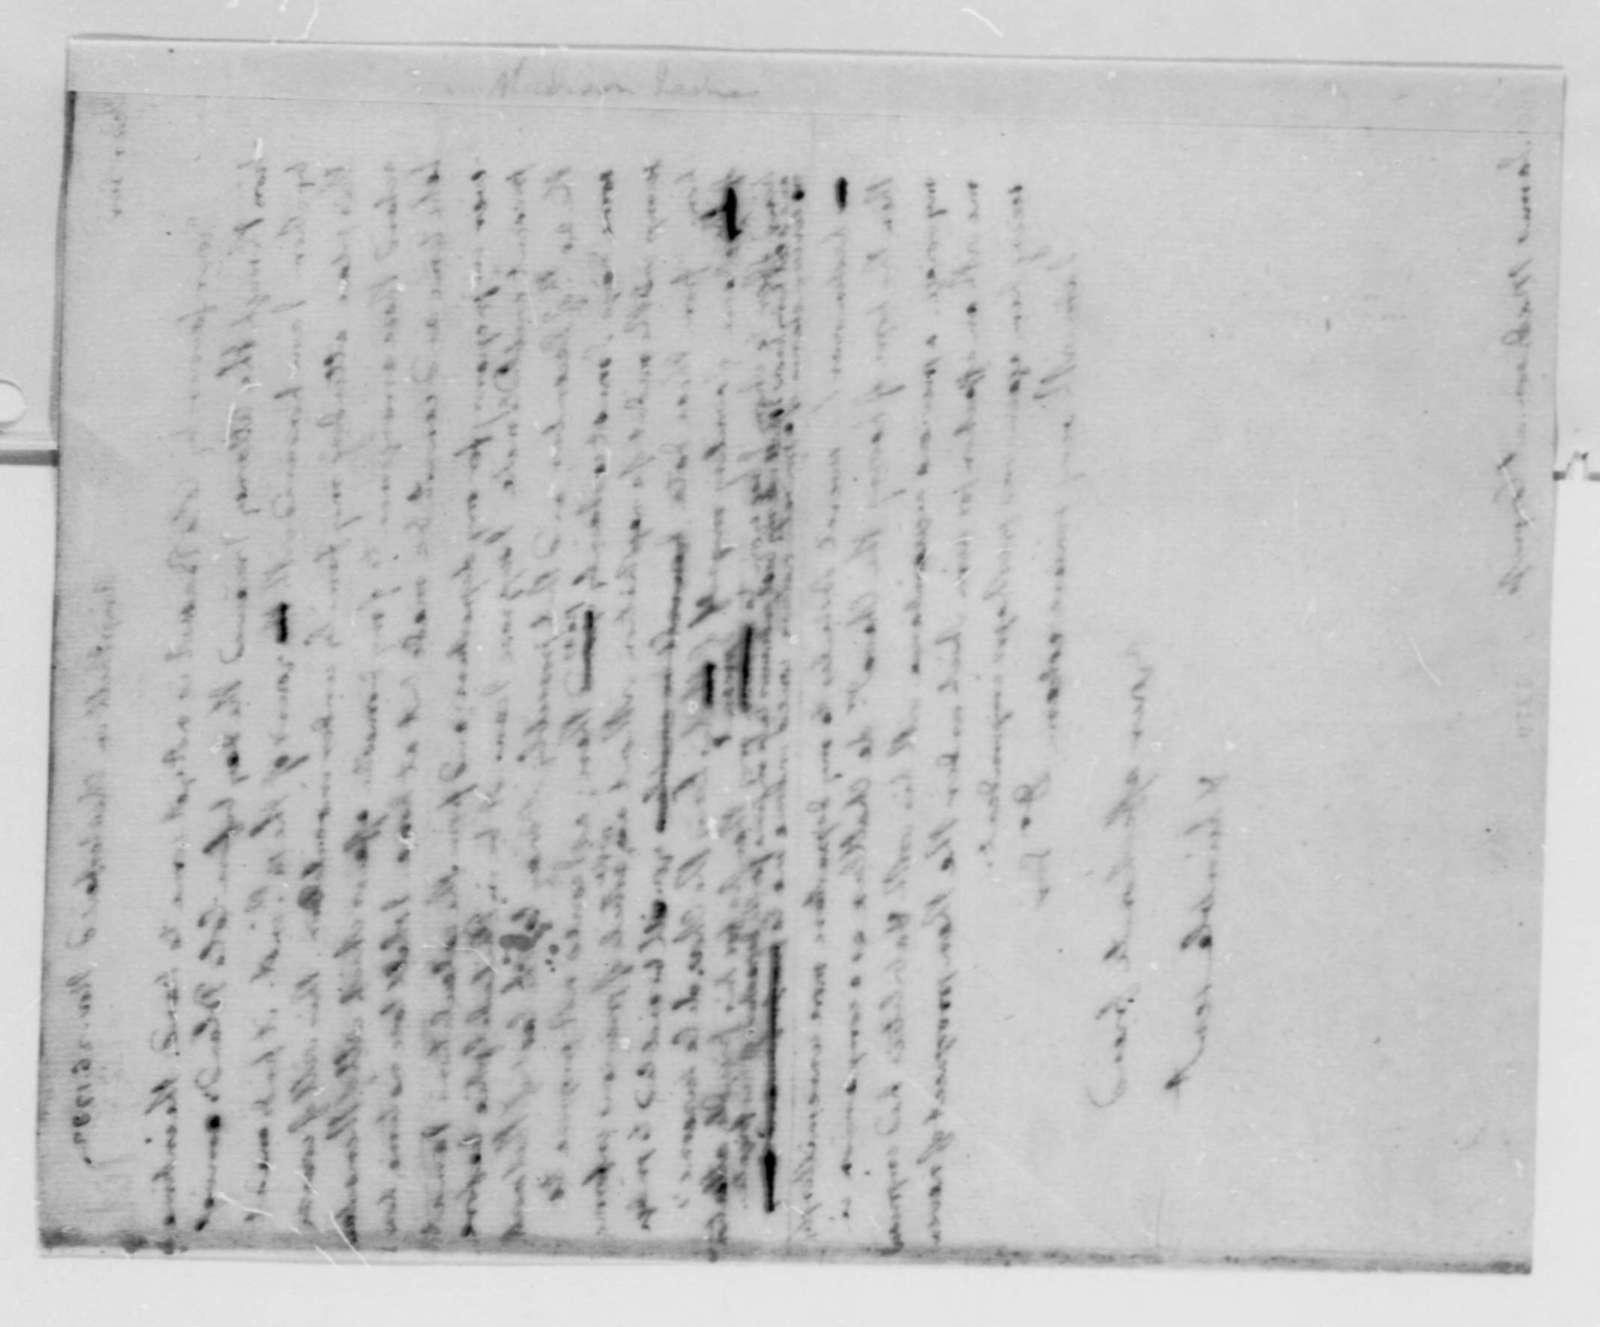 Thomas Jefferson to James Madison, November 26, 1782